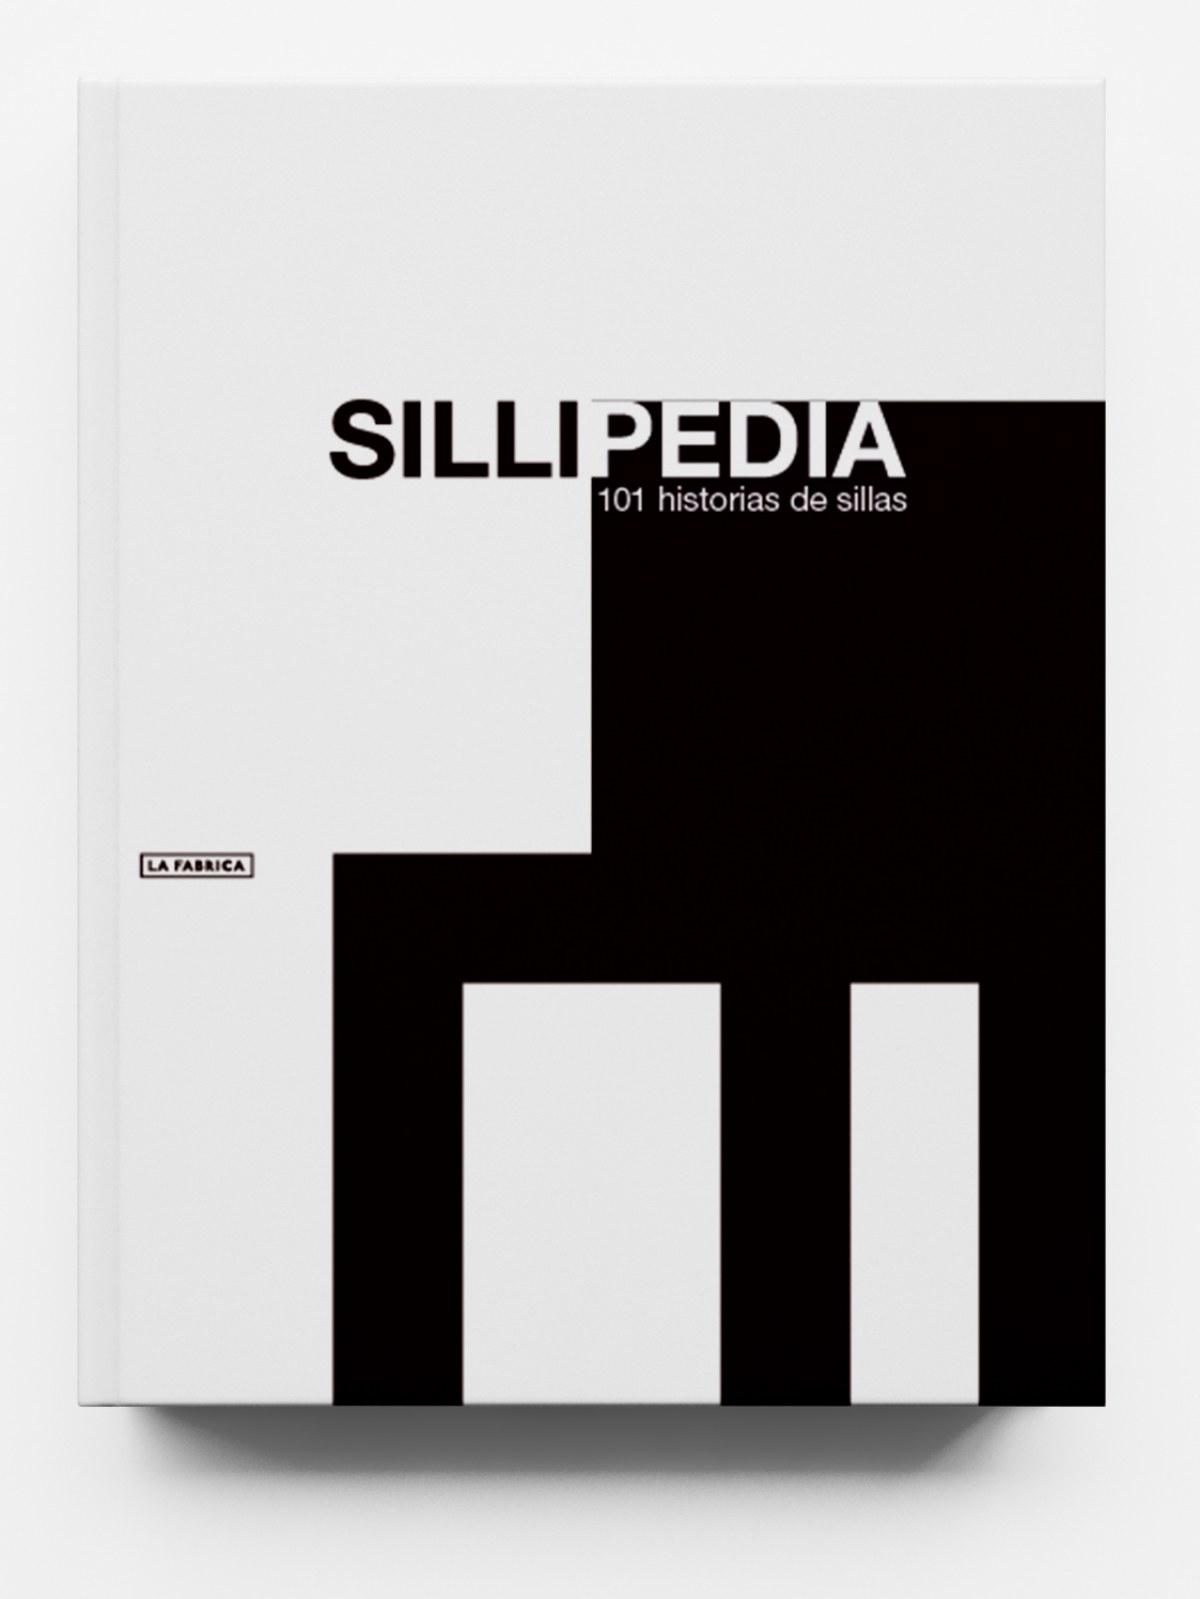 Sillipedia.